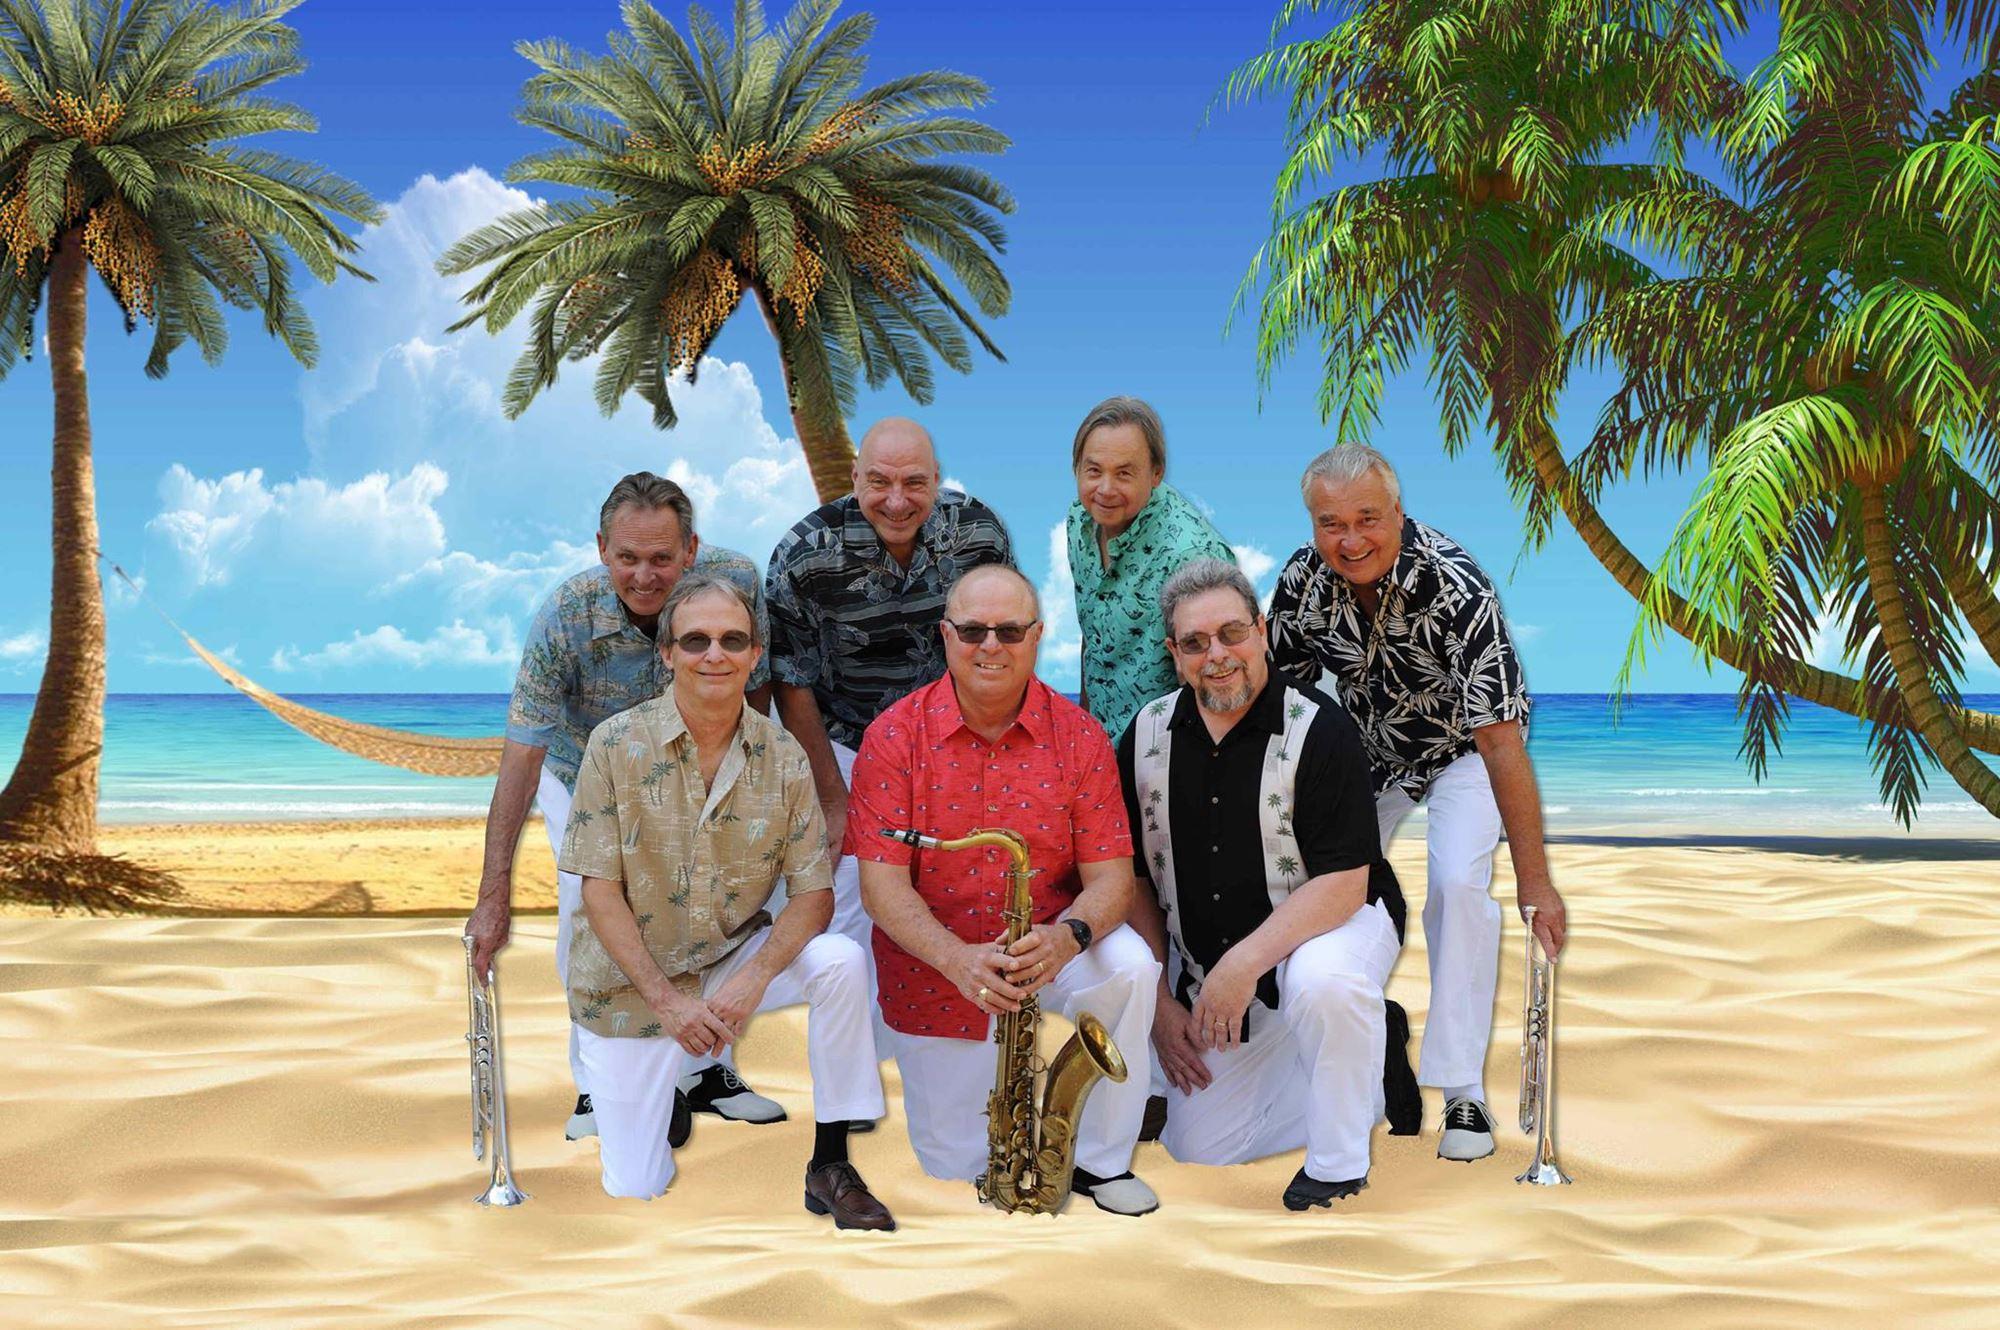 Thursday September 19       The Grains of Sand Band